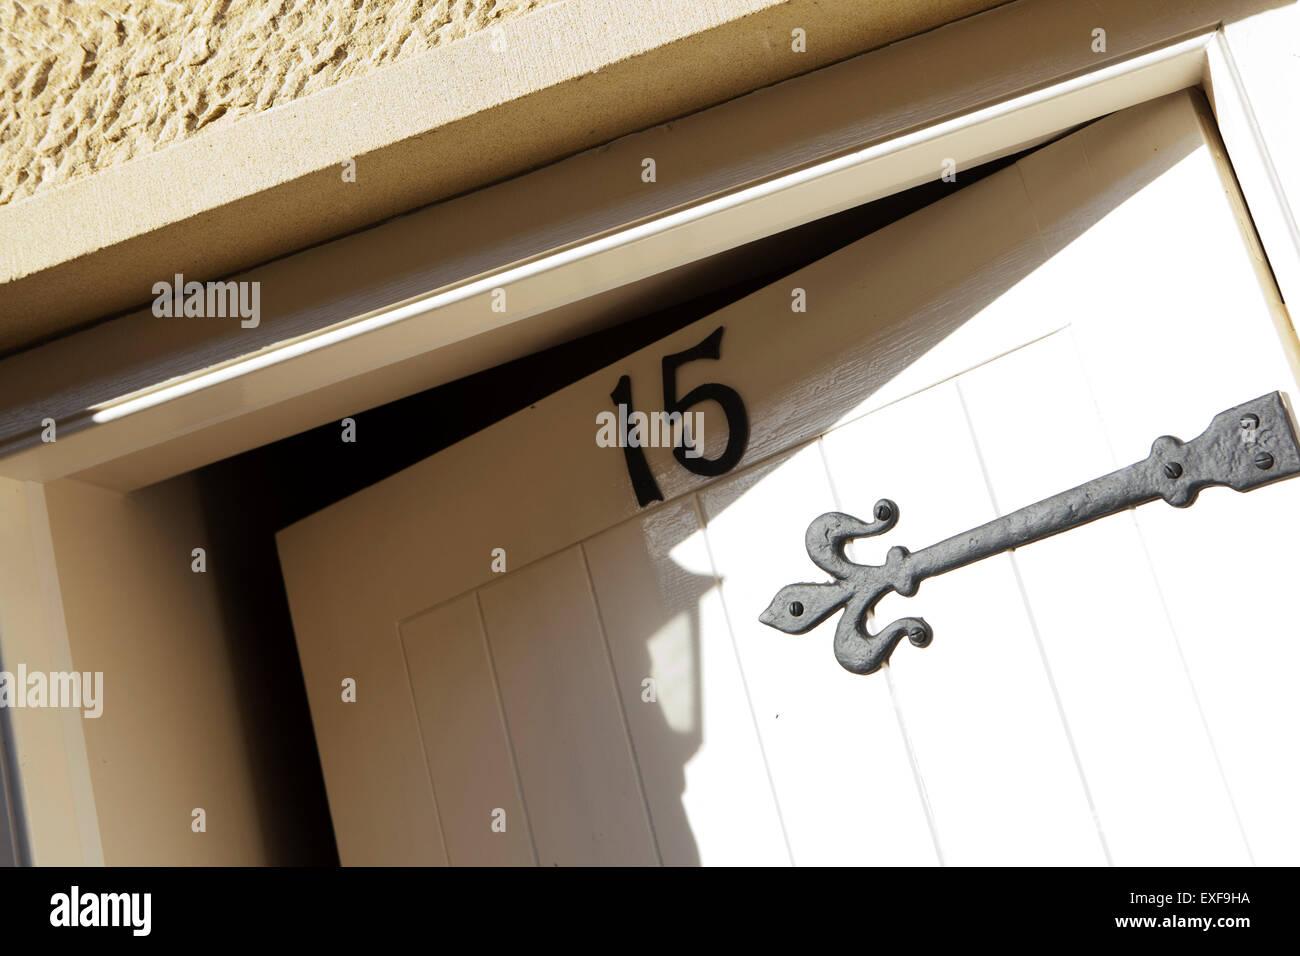 Porte avant ouverte, entrouverte, numéro 15 Photo Stock